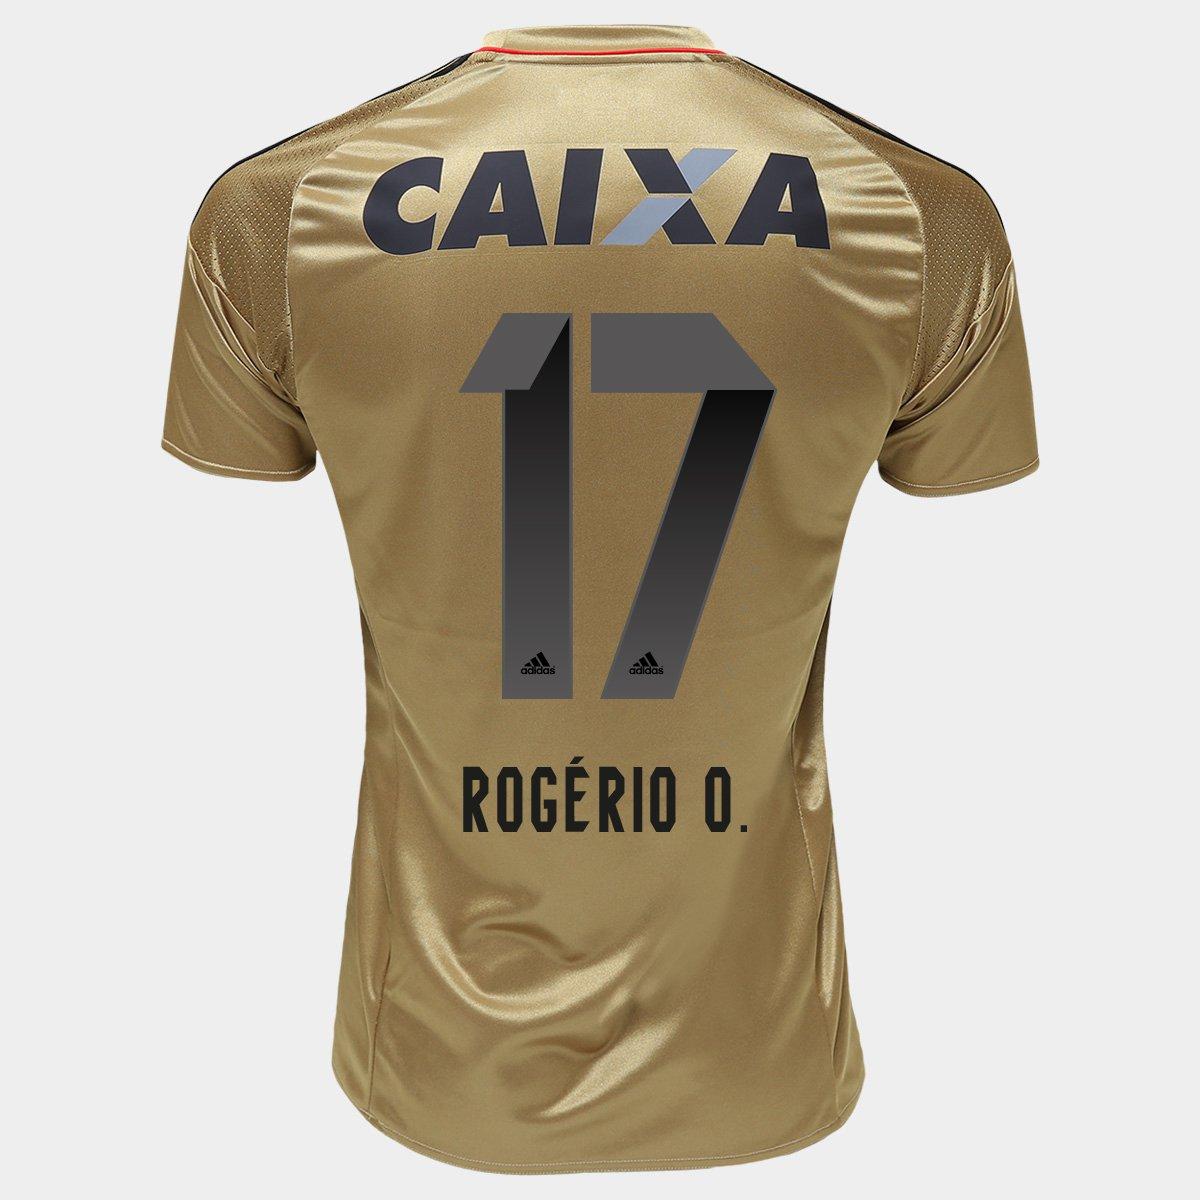 Camisa Adidas Sport Recife III 2016 nº 17 - Rogério O. - Compre Agora  5e8379cd8401c